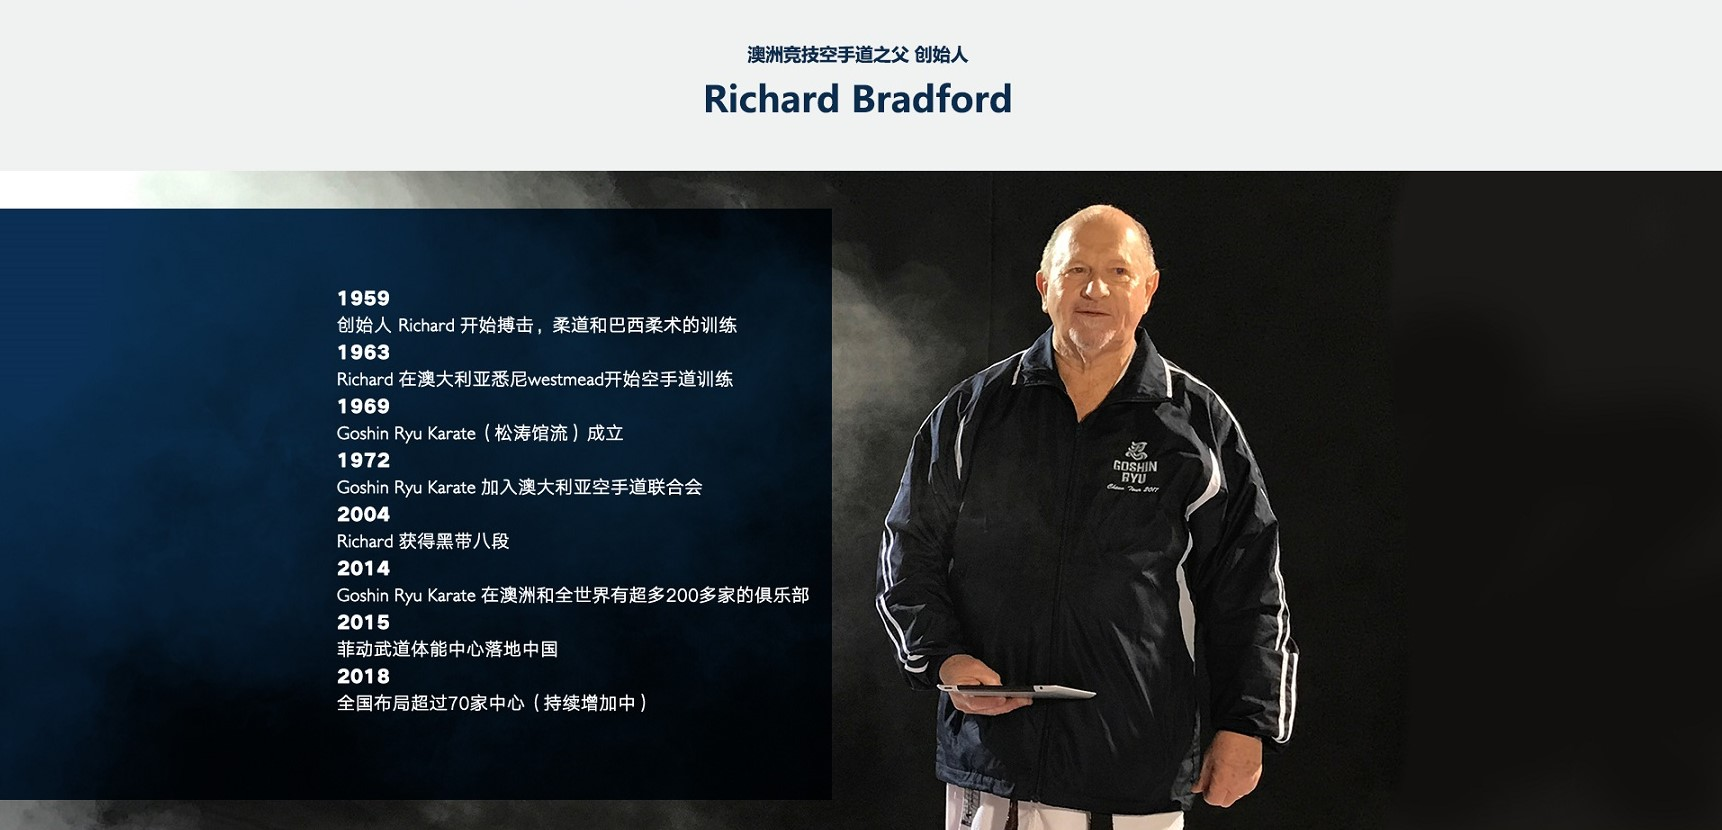 菲动儿童武道体能中心-澳洲竞技空手道之父Richard Bradford